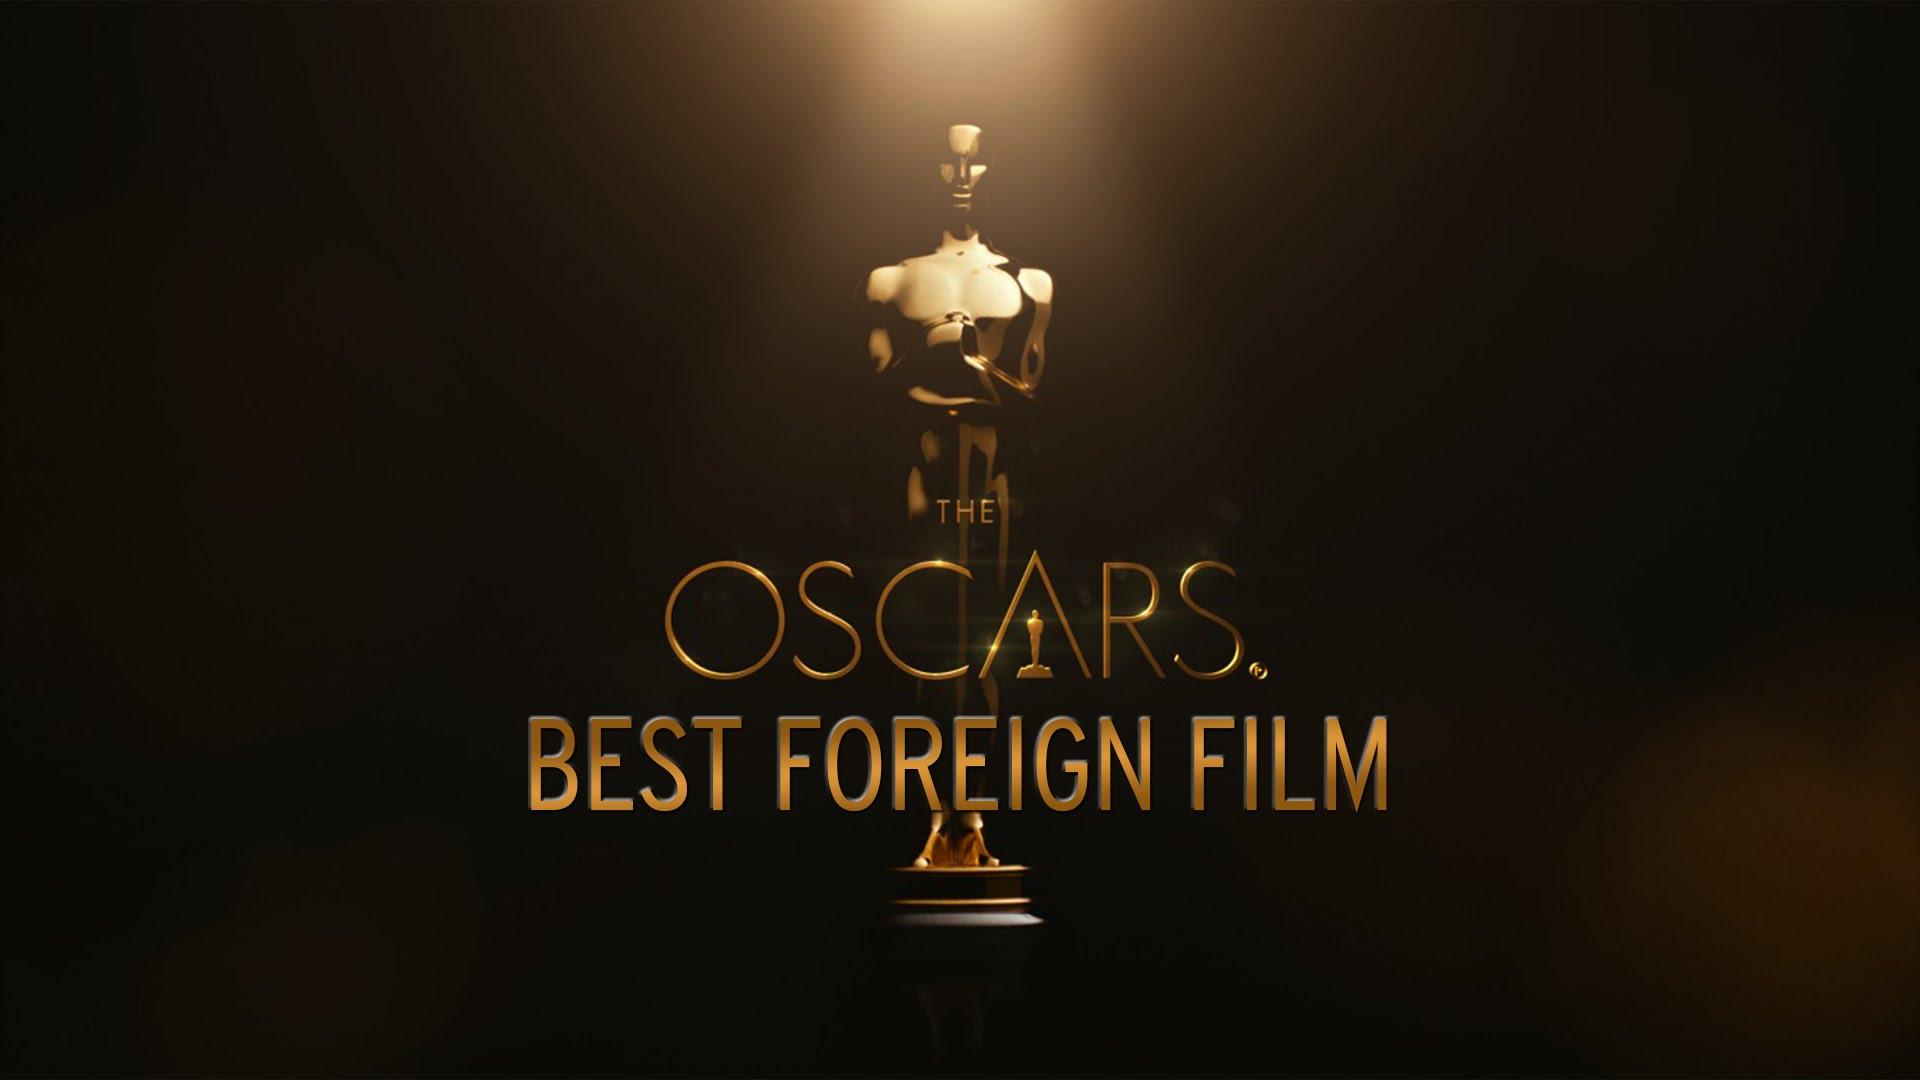 بهترین فیلمهای خارجی زبان برنده جایزه اسکار از سال ۲۰۰۰ تا به امروز